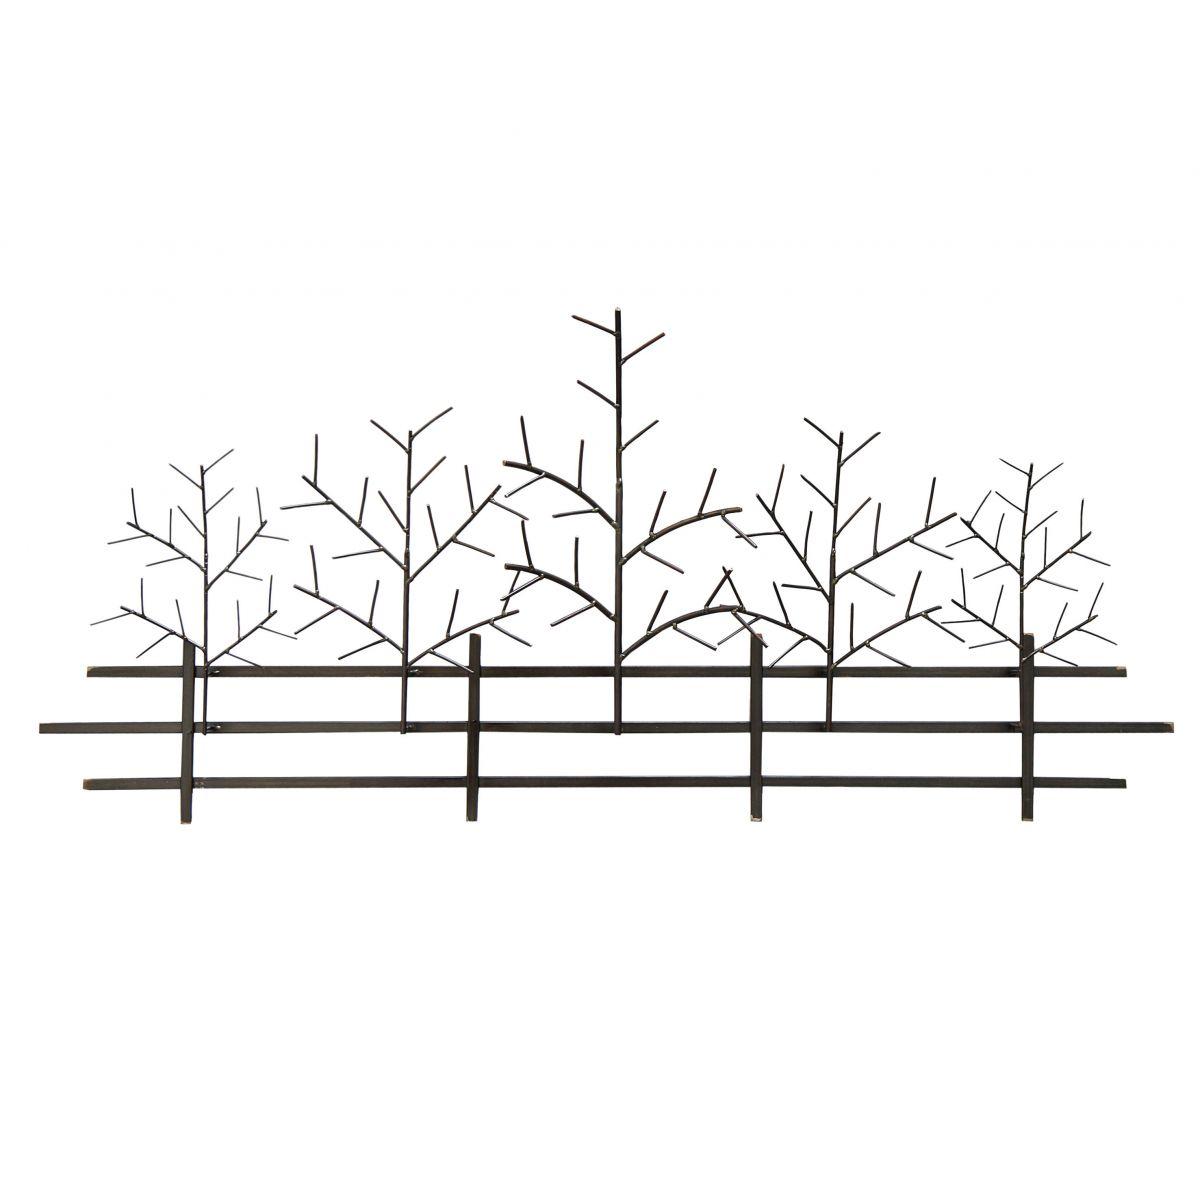 Painel Arranjo de Parede Rustico de Ferro com Galhos Árvore Seca Minas